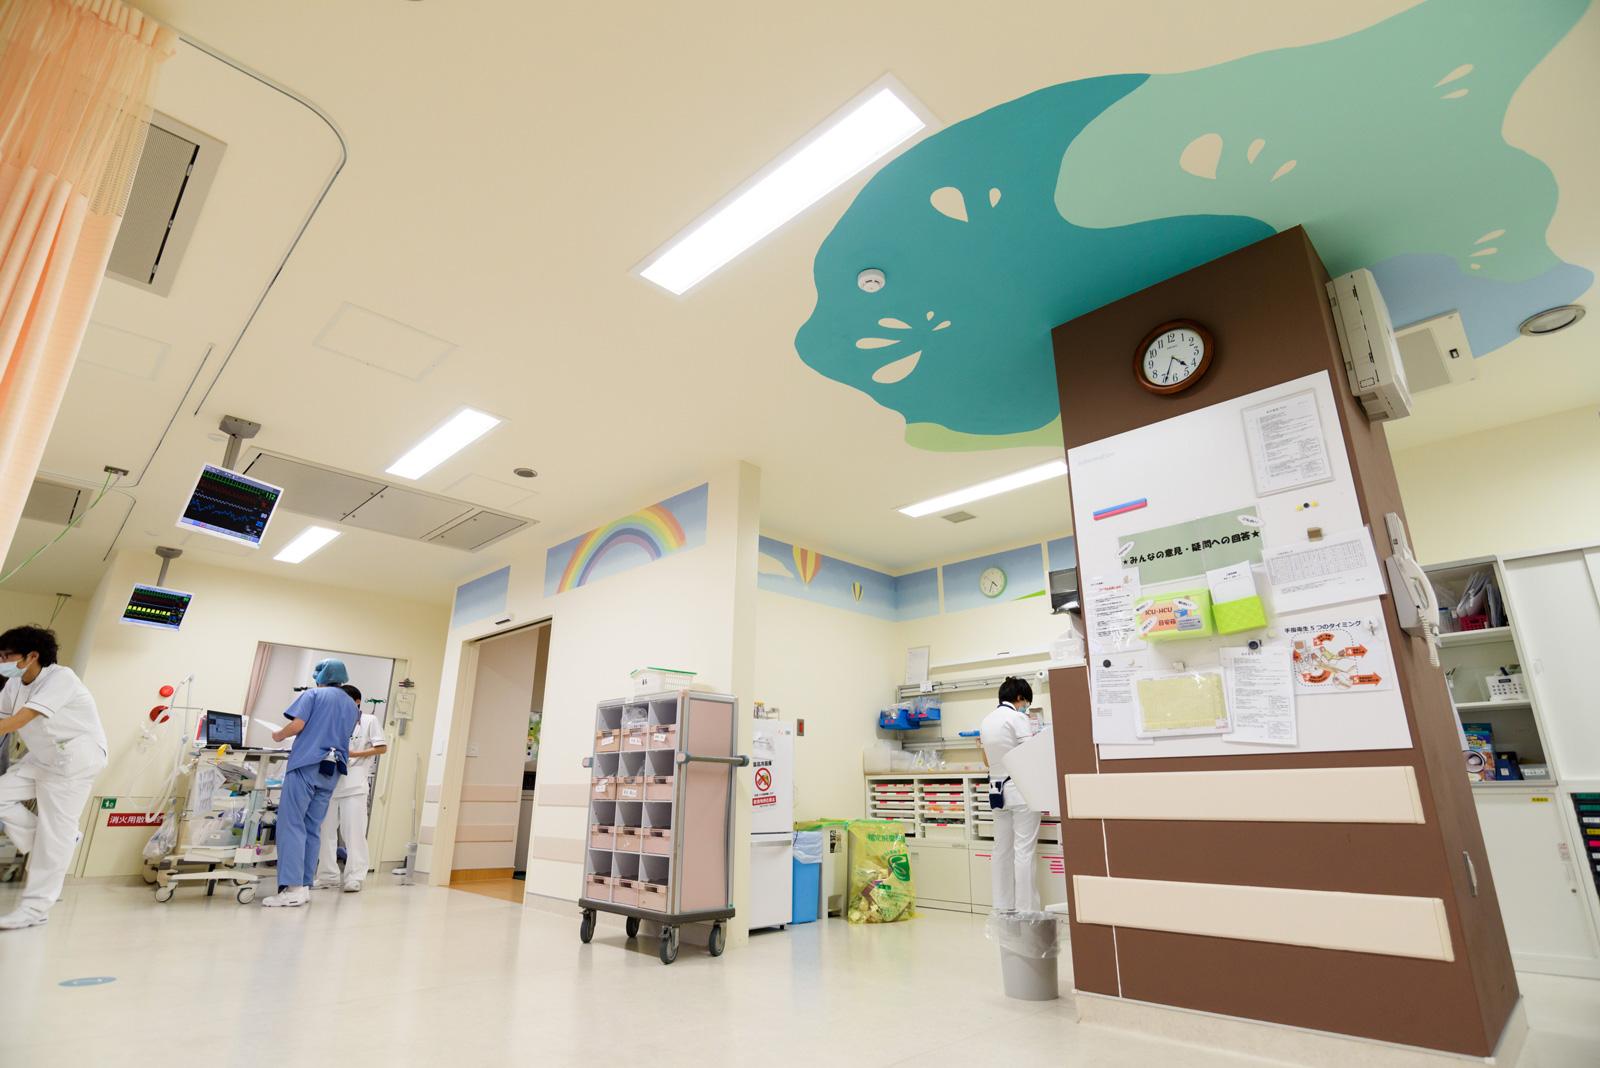 ホスピタルアート 耳原総合病院 手術室前壁画「見守りの樹」